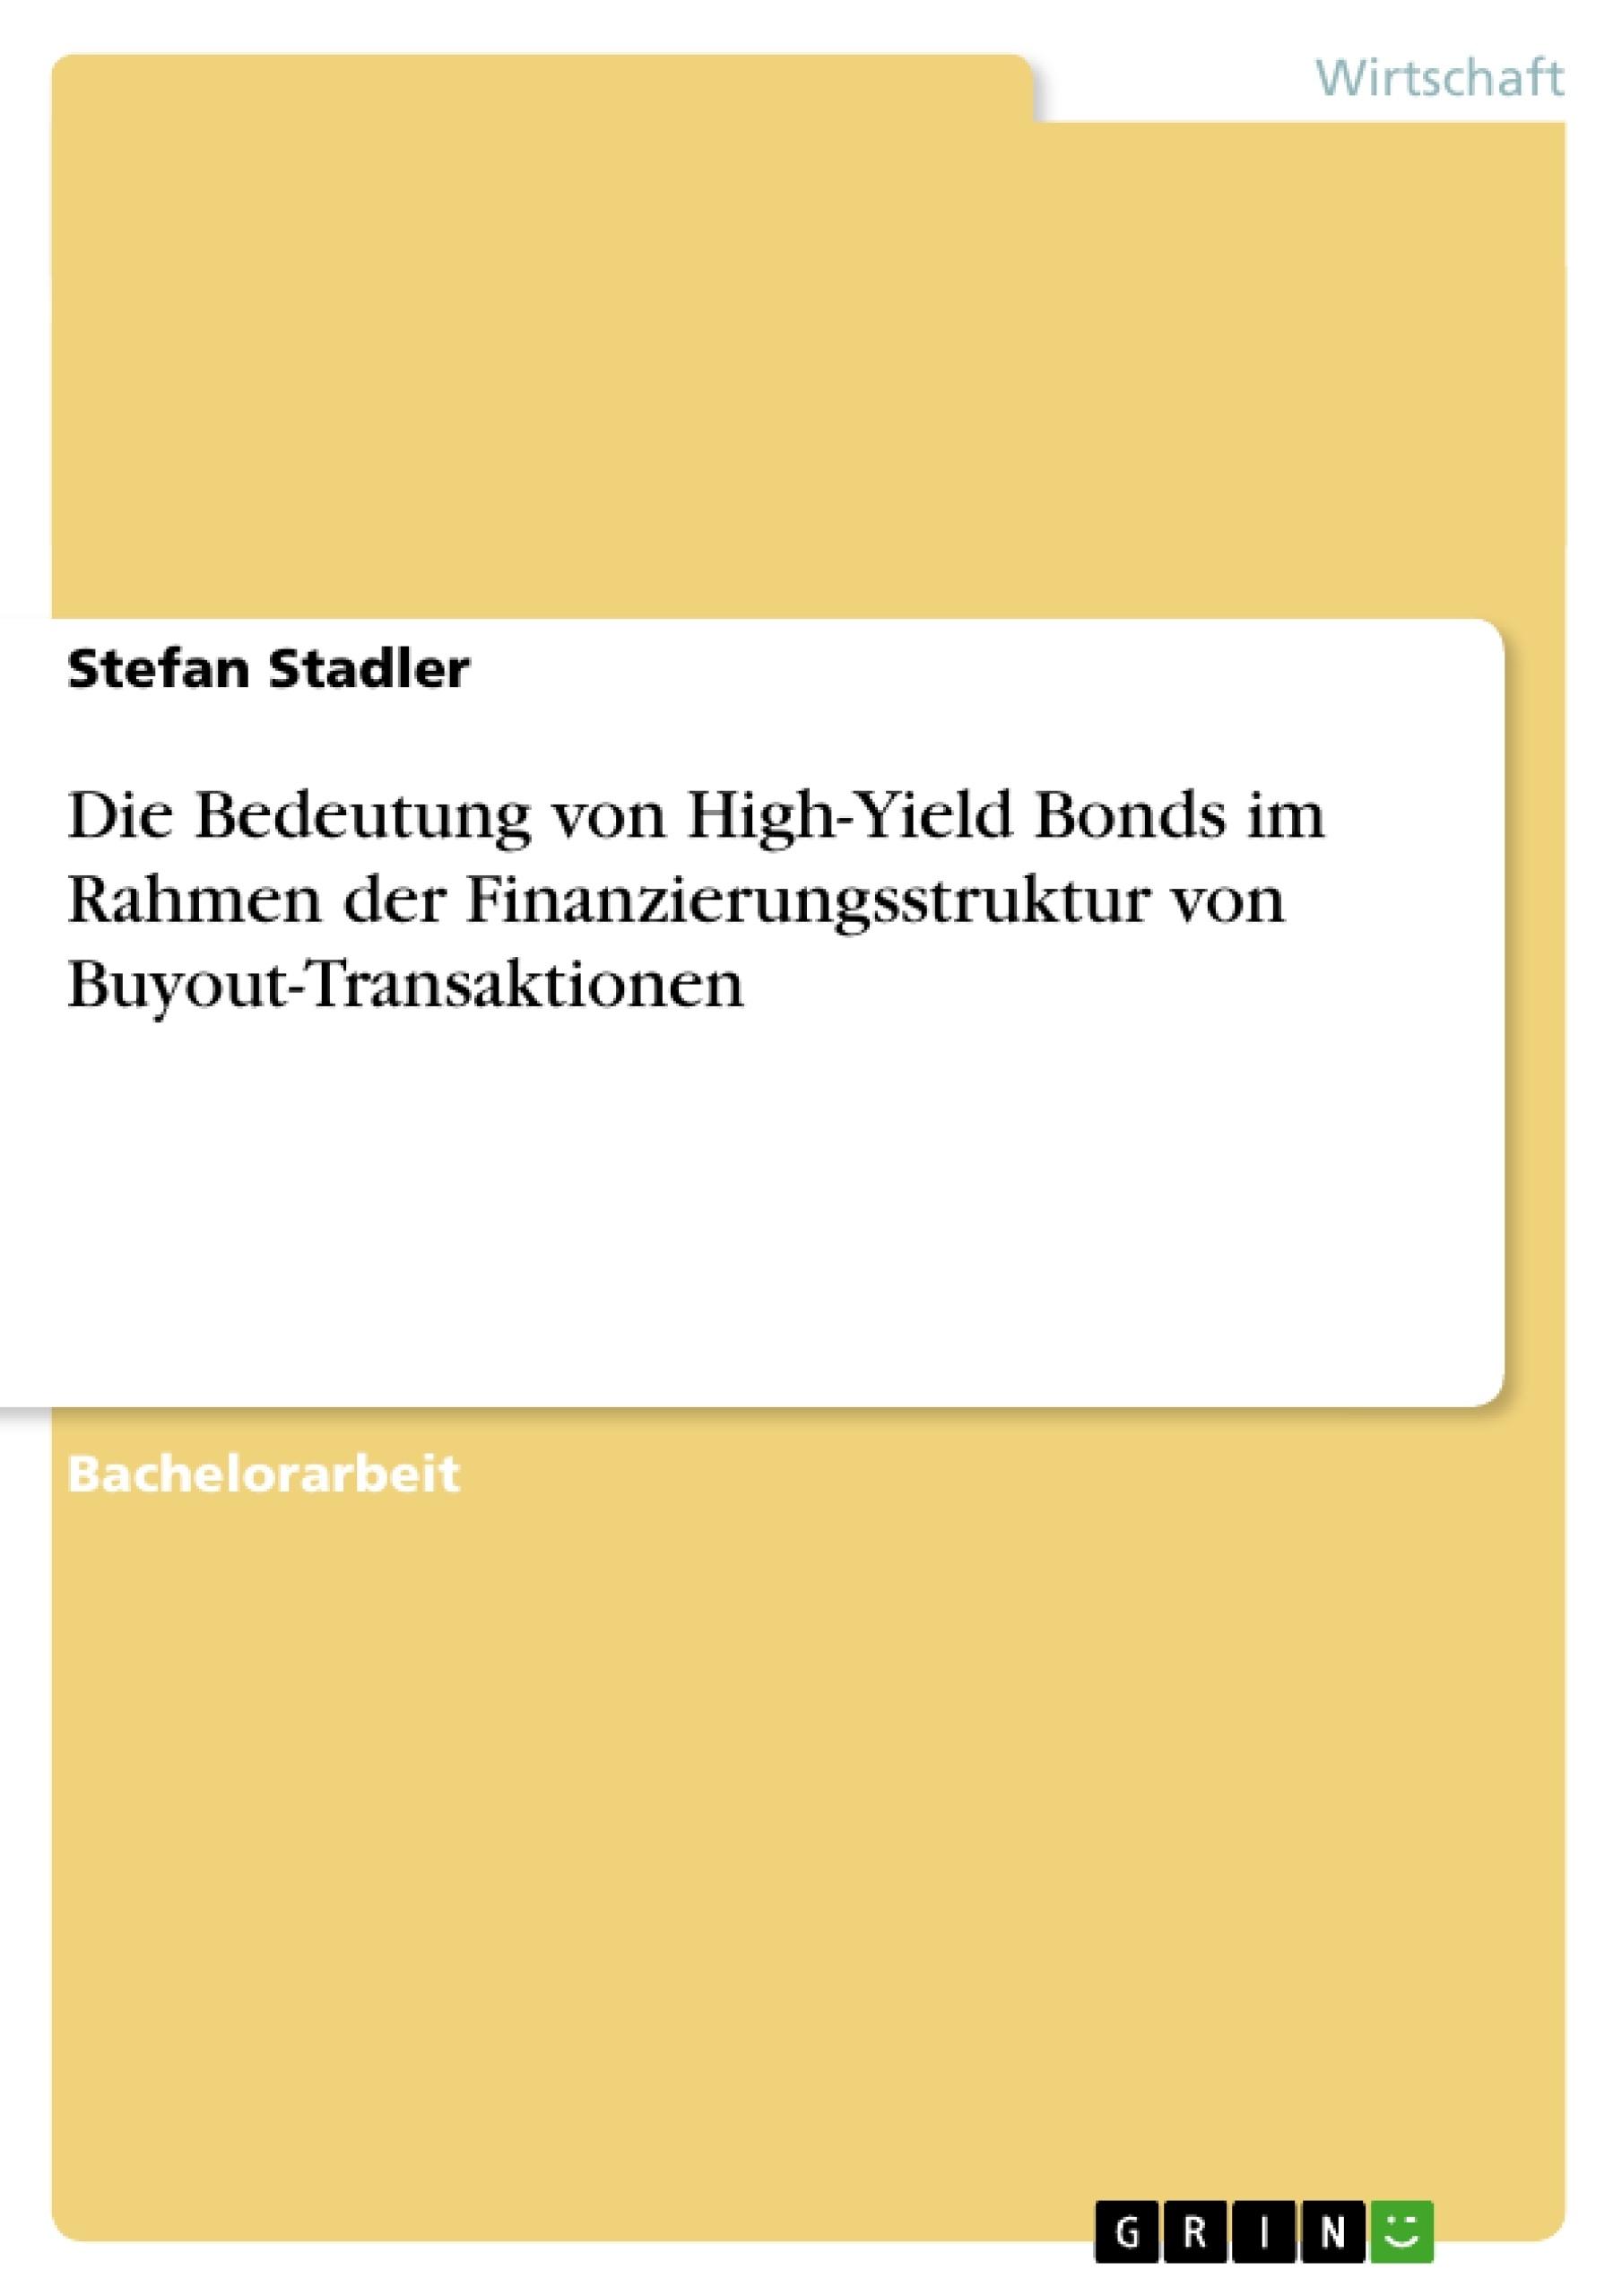 Titel: Die Bedeutung von High-Yield Bonds im Rahmen der Finanzierungsstruktur von Buyout-Transaktionen